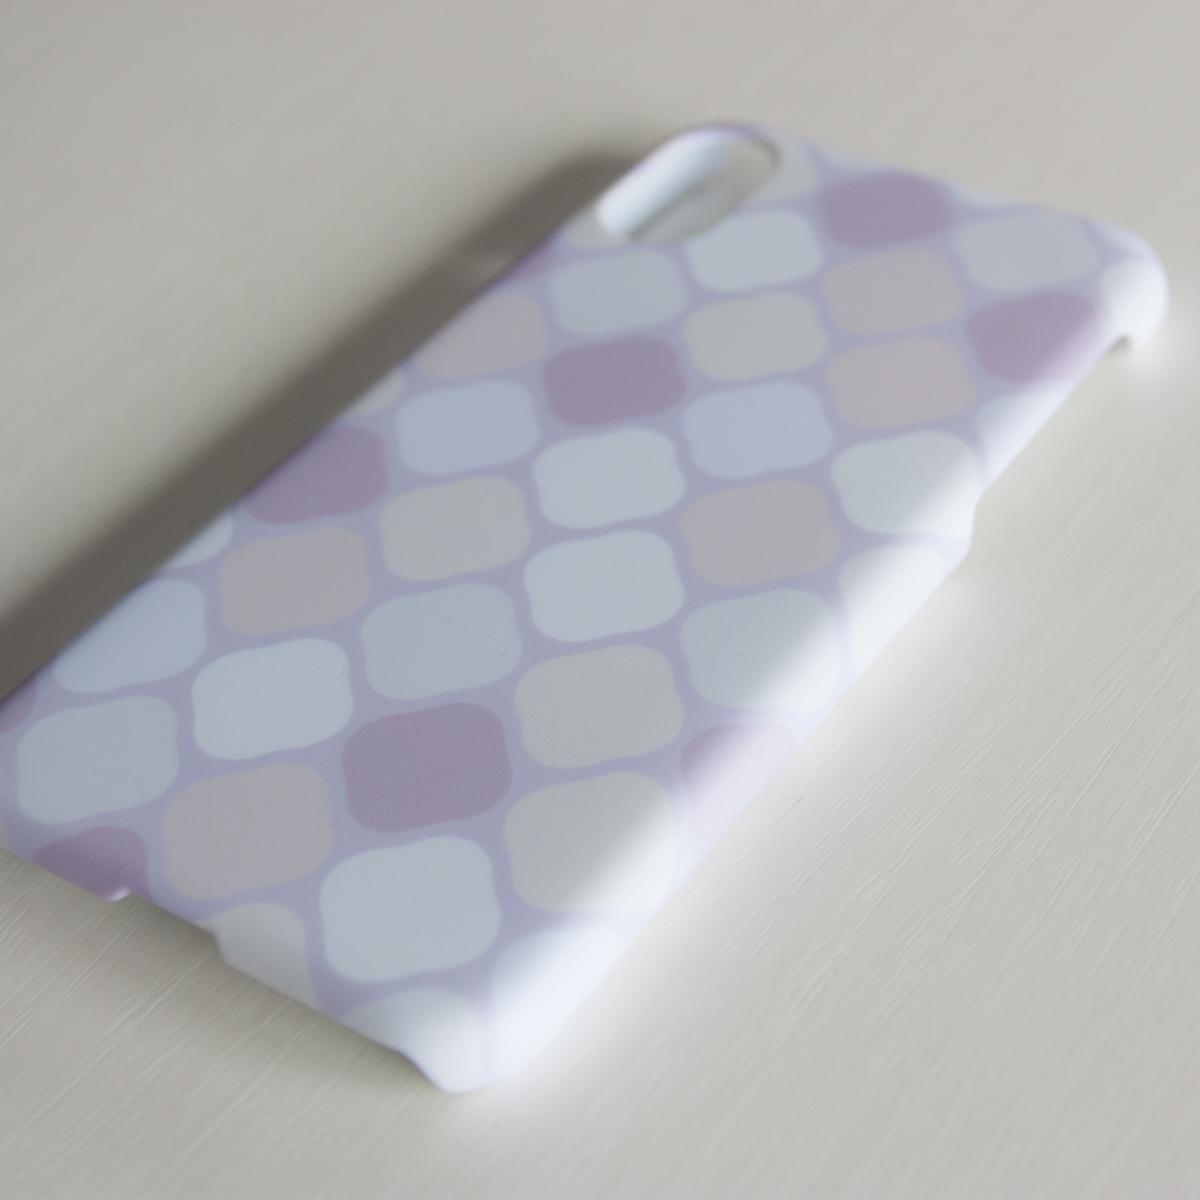 amane cu〔スマートフォンケース(ハード・マットタイプ)〕はなごろも【白茶】- for iPhone